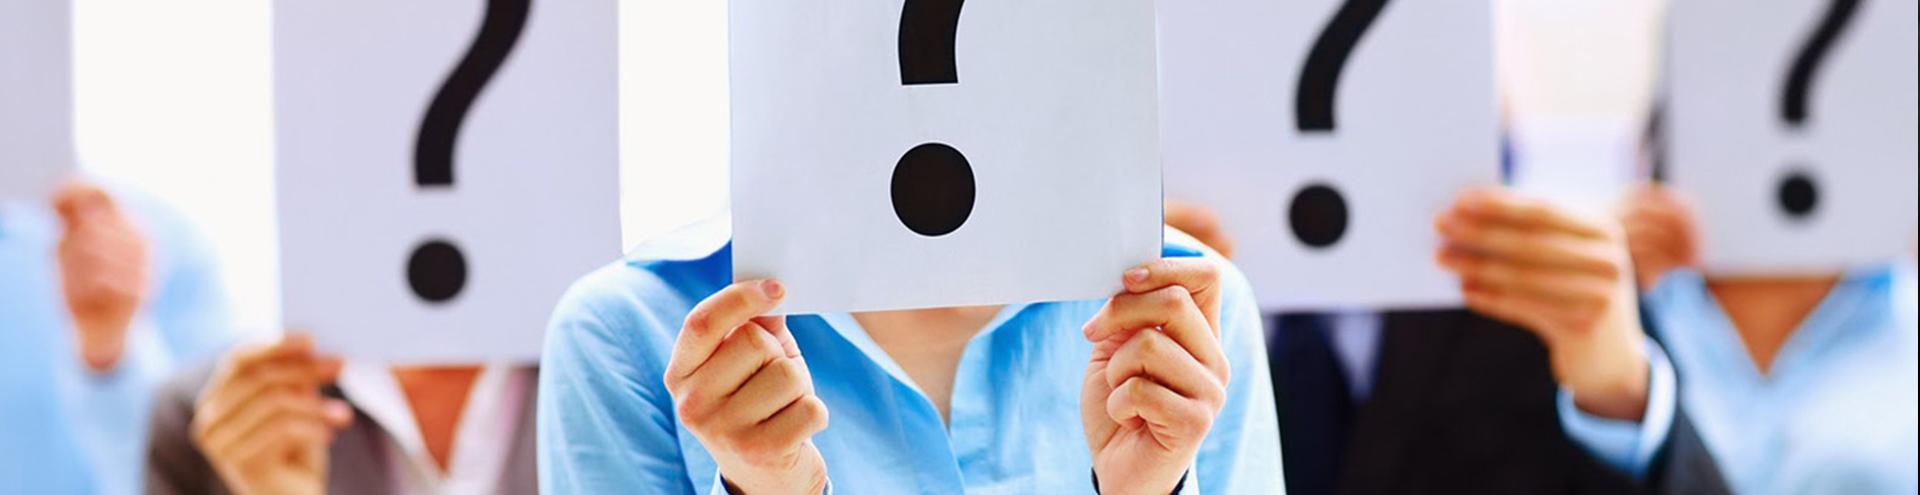 Задать вопрос юристу онлайн в Чебоксарах